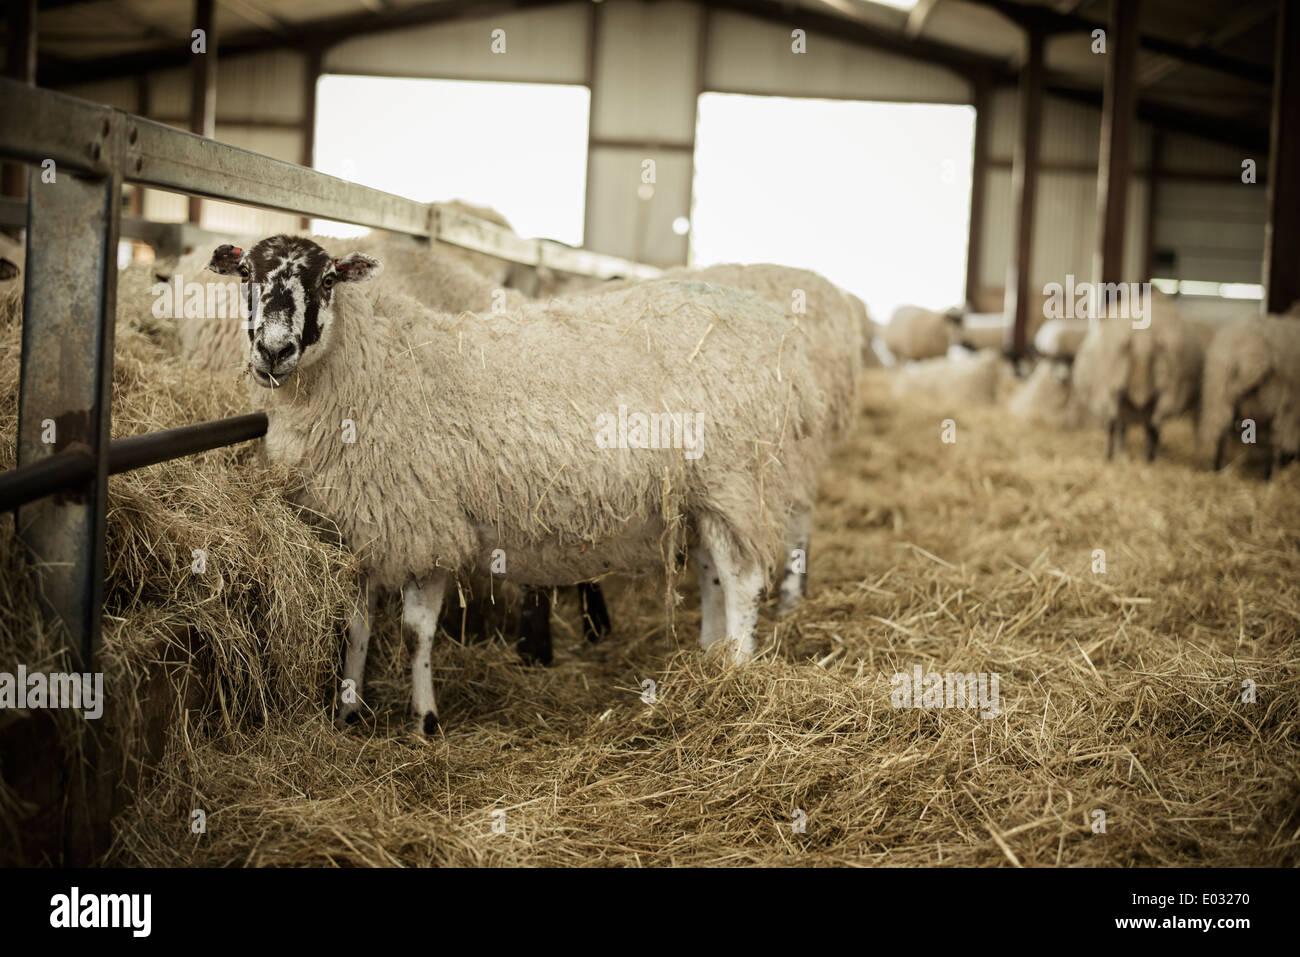 Moutons dans une grange pendant le temps de l'agnelage. Photo Stock